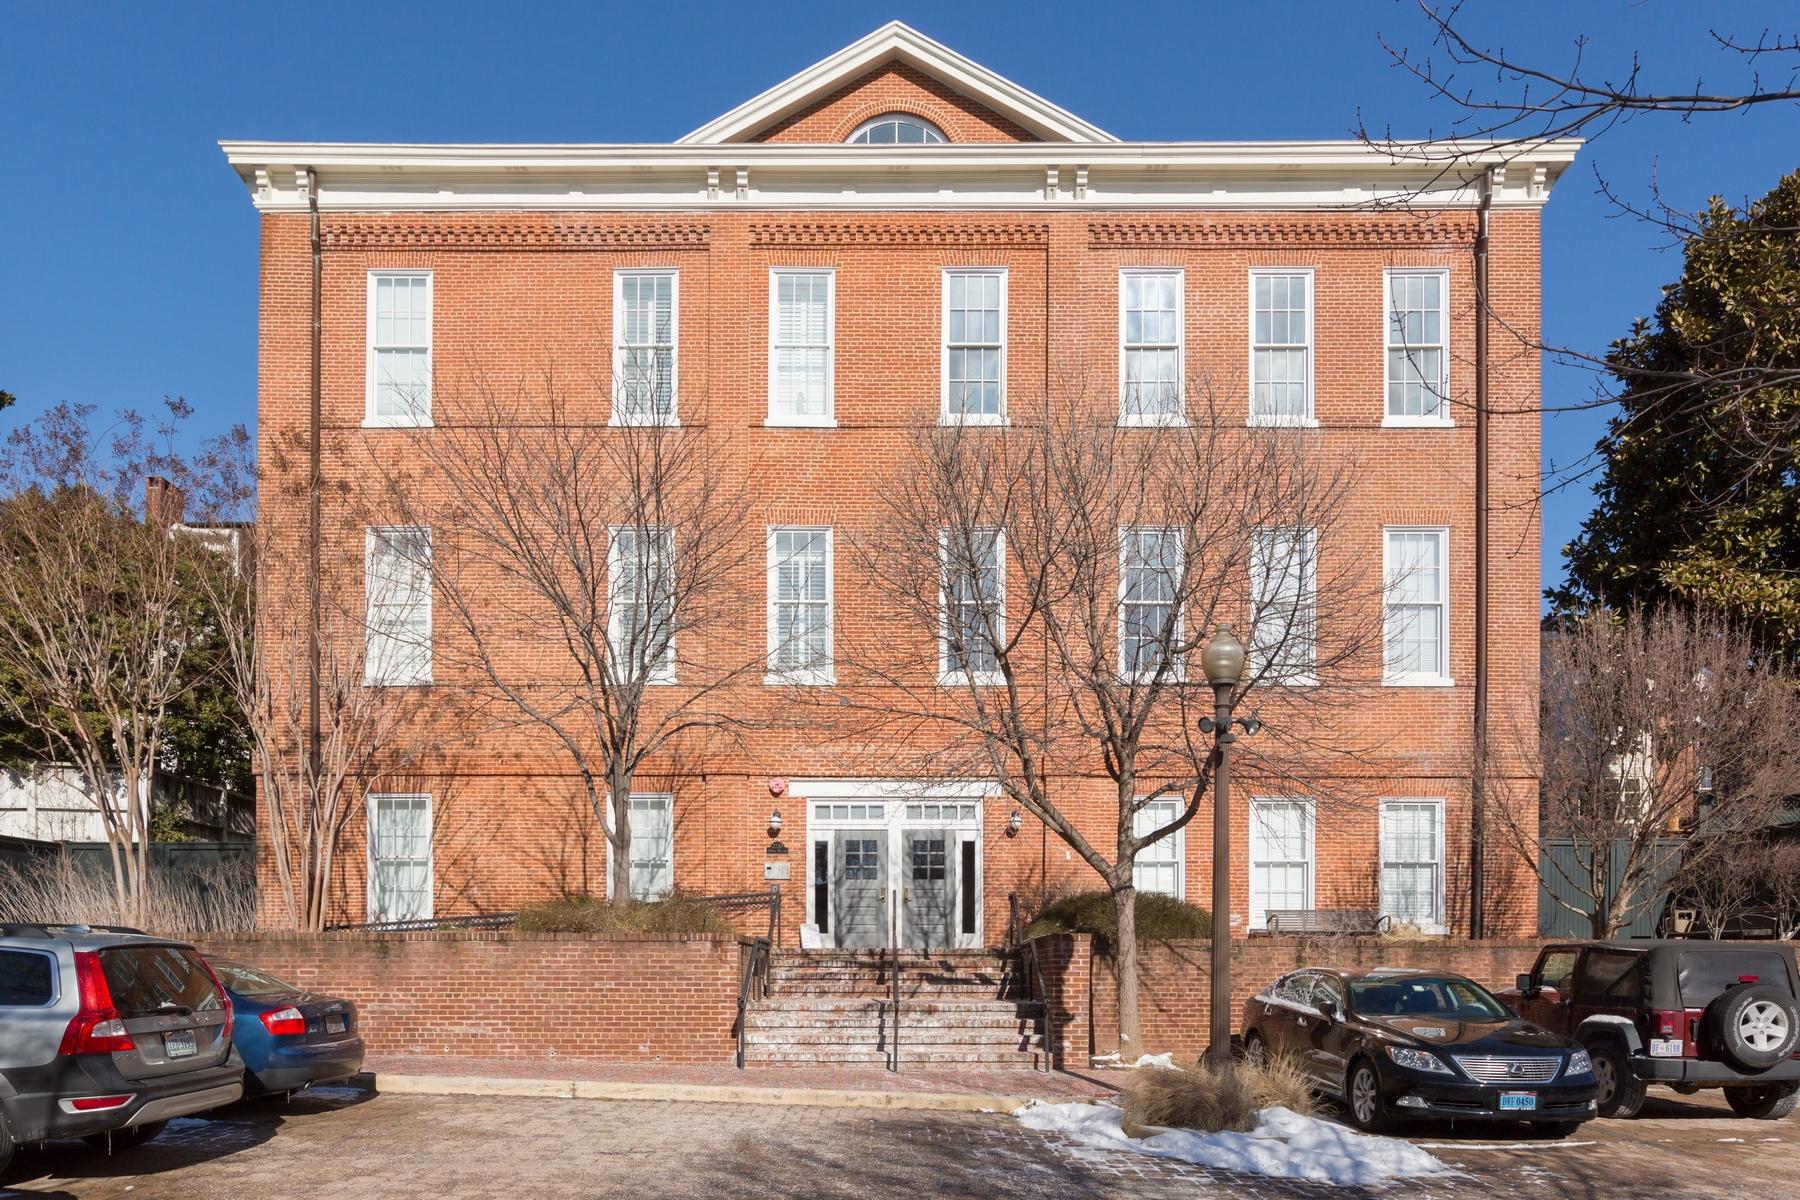 Nhà chung cư vì Bán tại Georgetown 2735 Olive Street Nw 9 Georgetown, Washington, District Of Columbia 20007 Hoa Kỳ